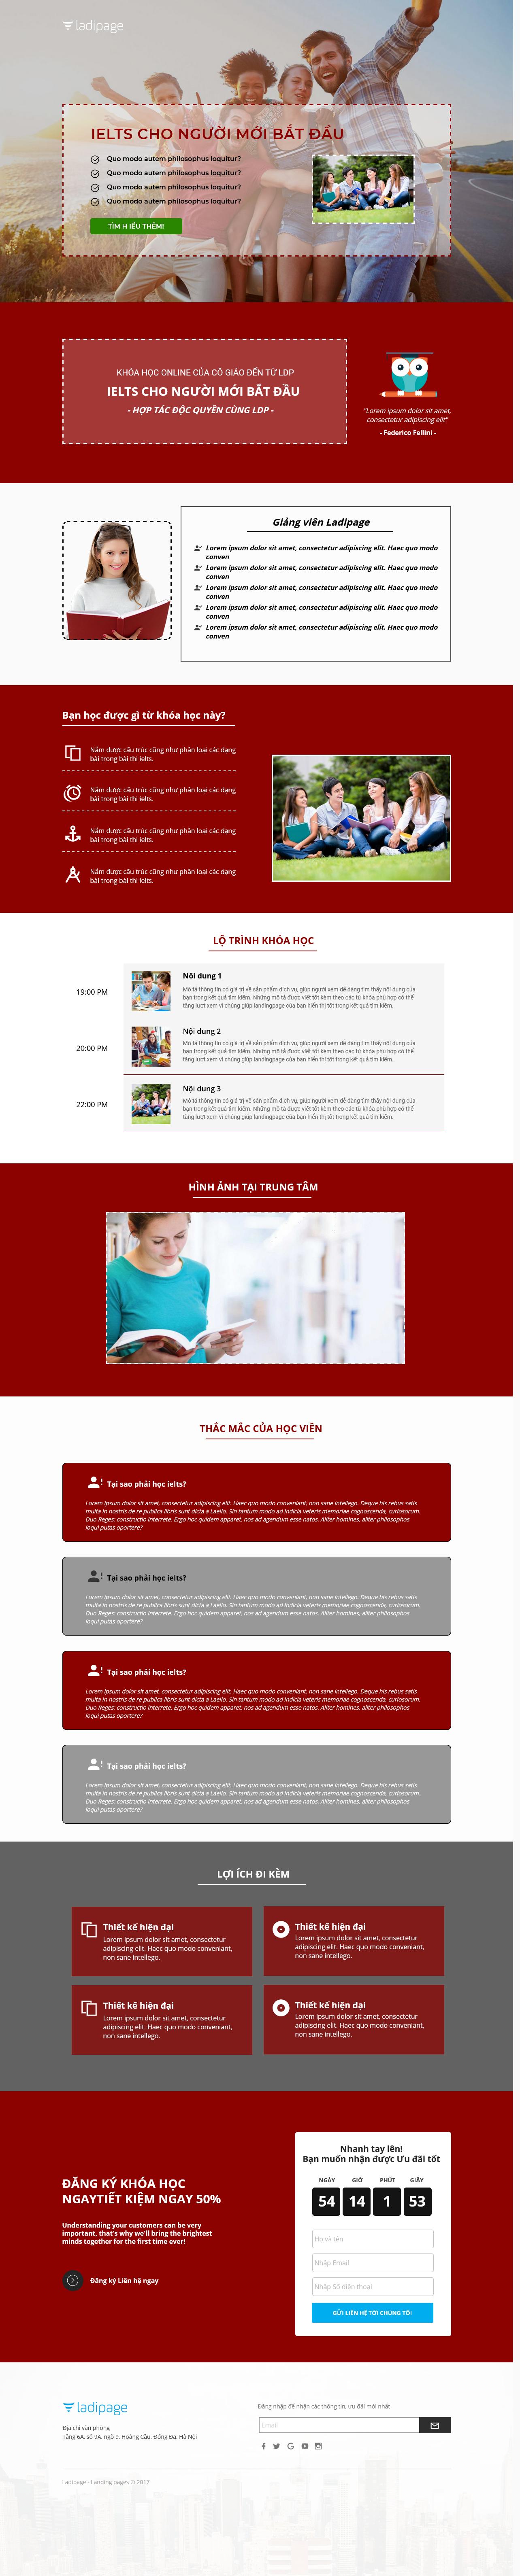 Thiết kế website Thiết kế webiste landingpage giao-duc---du-hoc---nghien-cuu Giáo dục Đào tạo 25